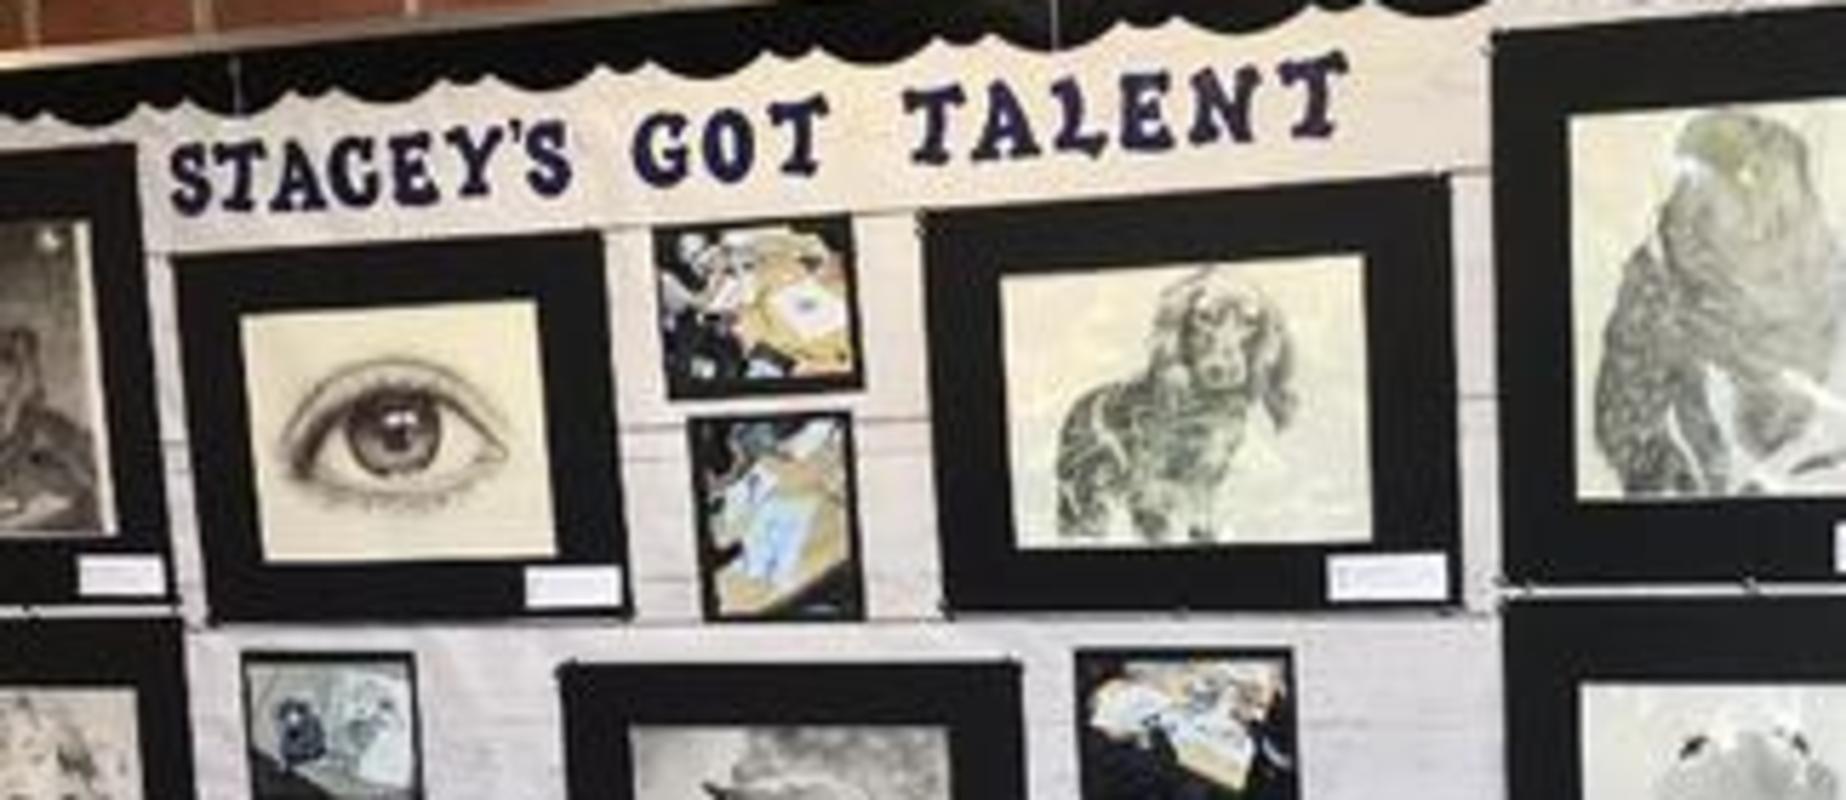 Stacey's Got Talent